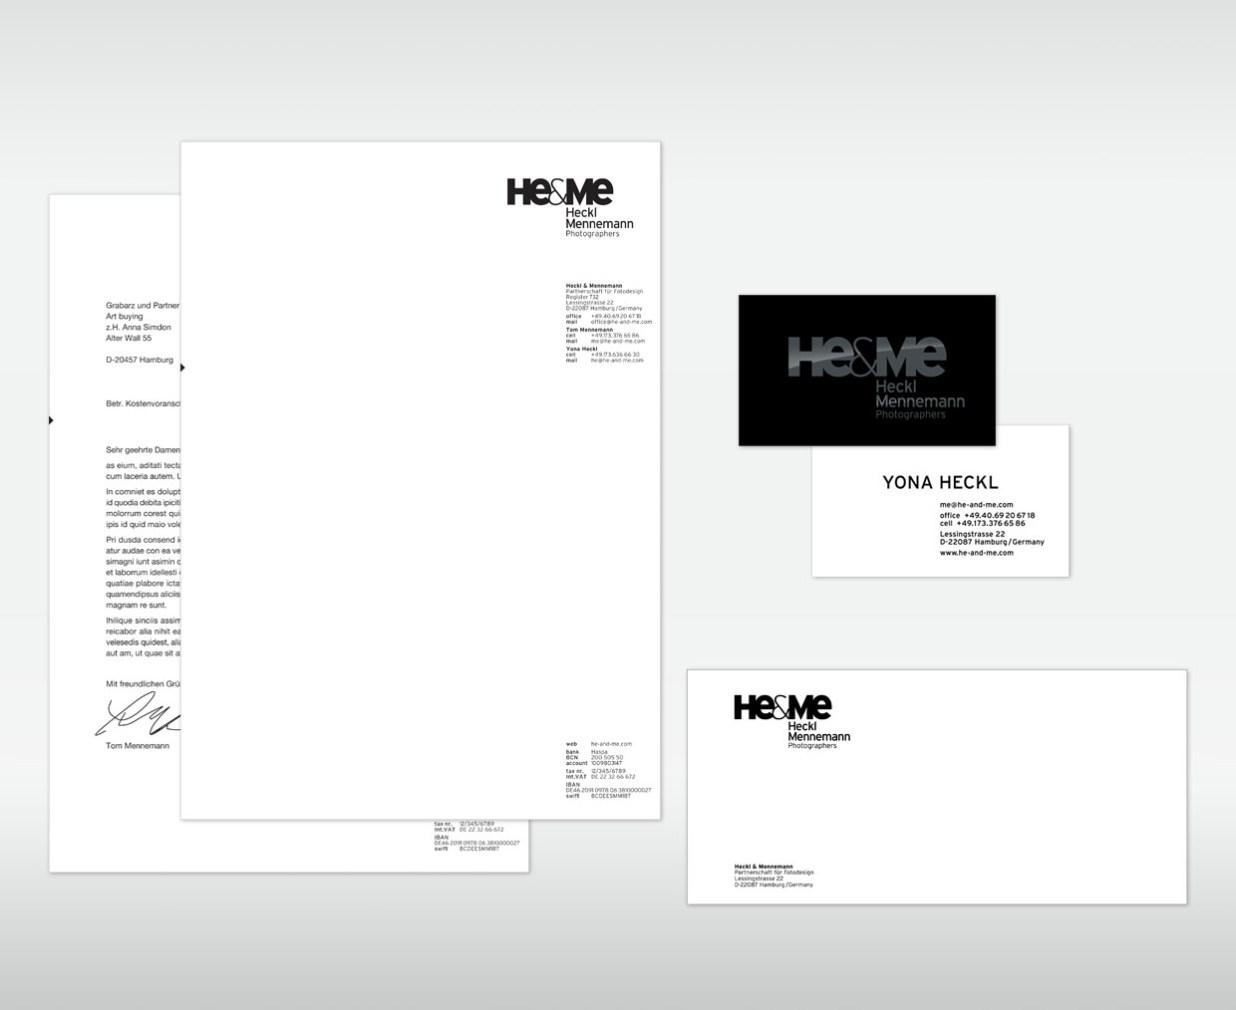 HEandME-papers